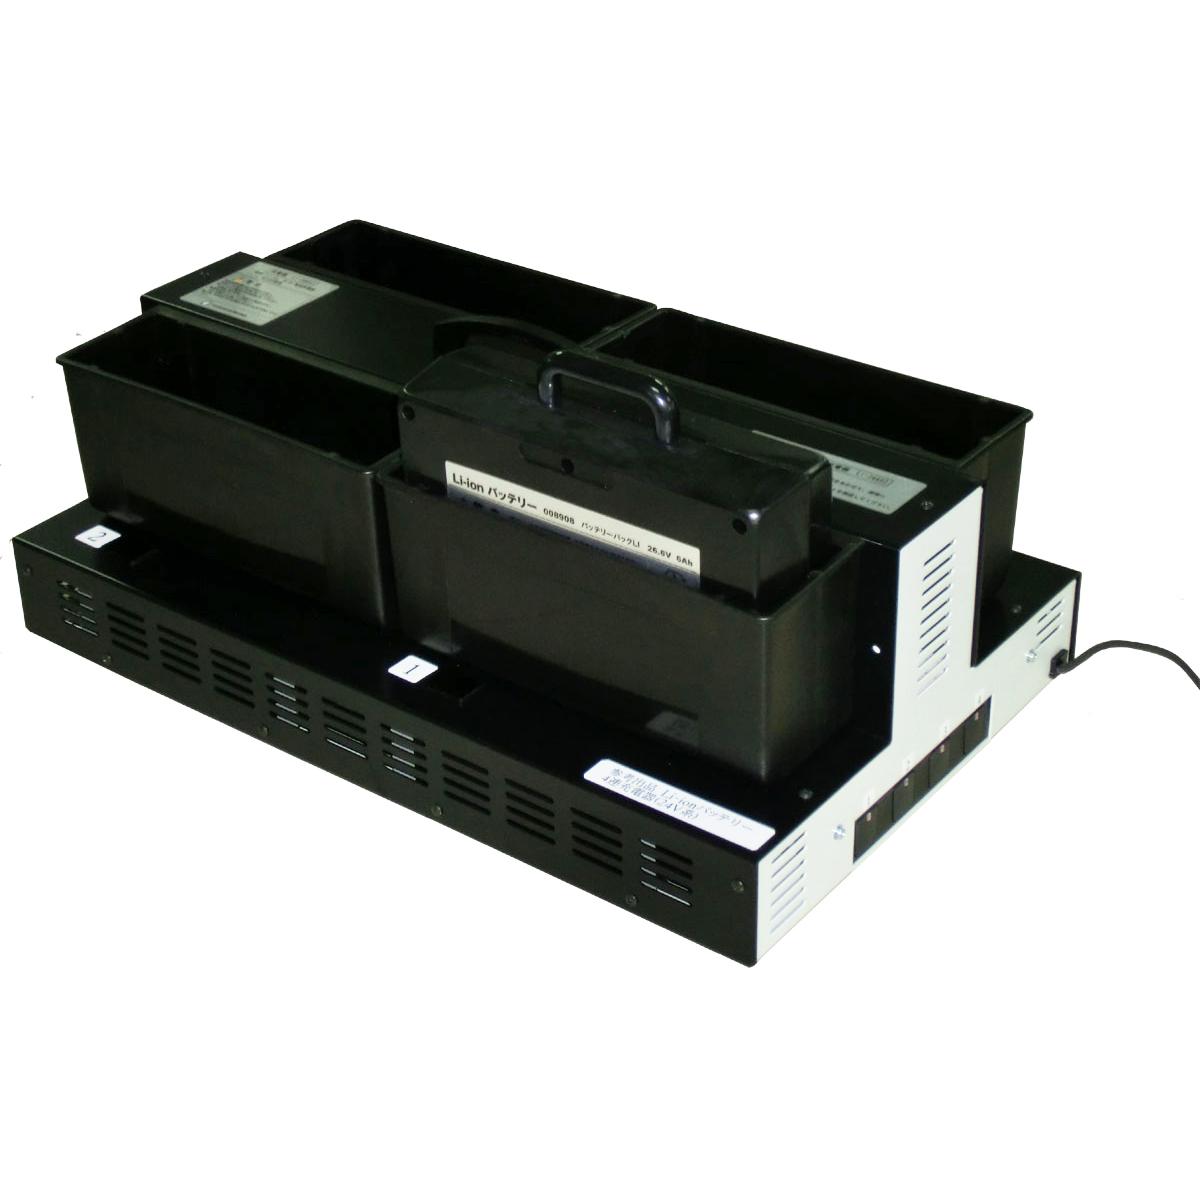 ペンギンワックス 4連充電器 CLC6264 バッテリーパックLS626/LV626用 8998